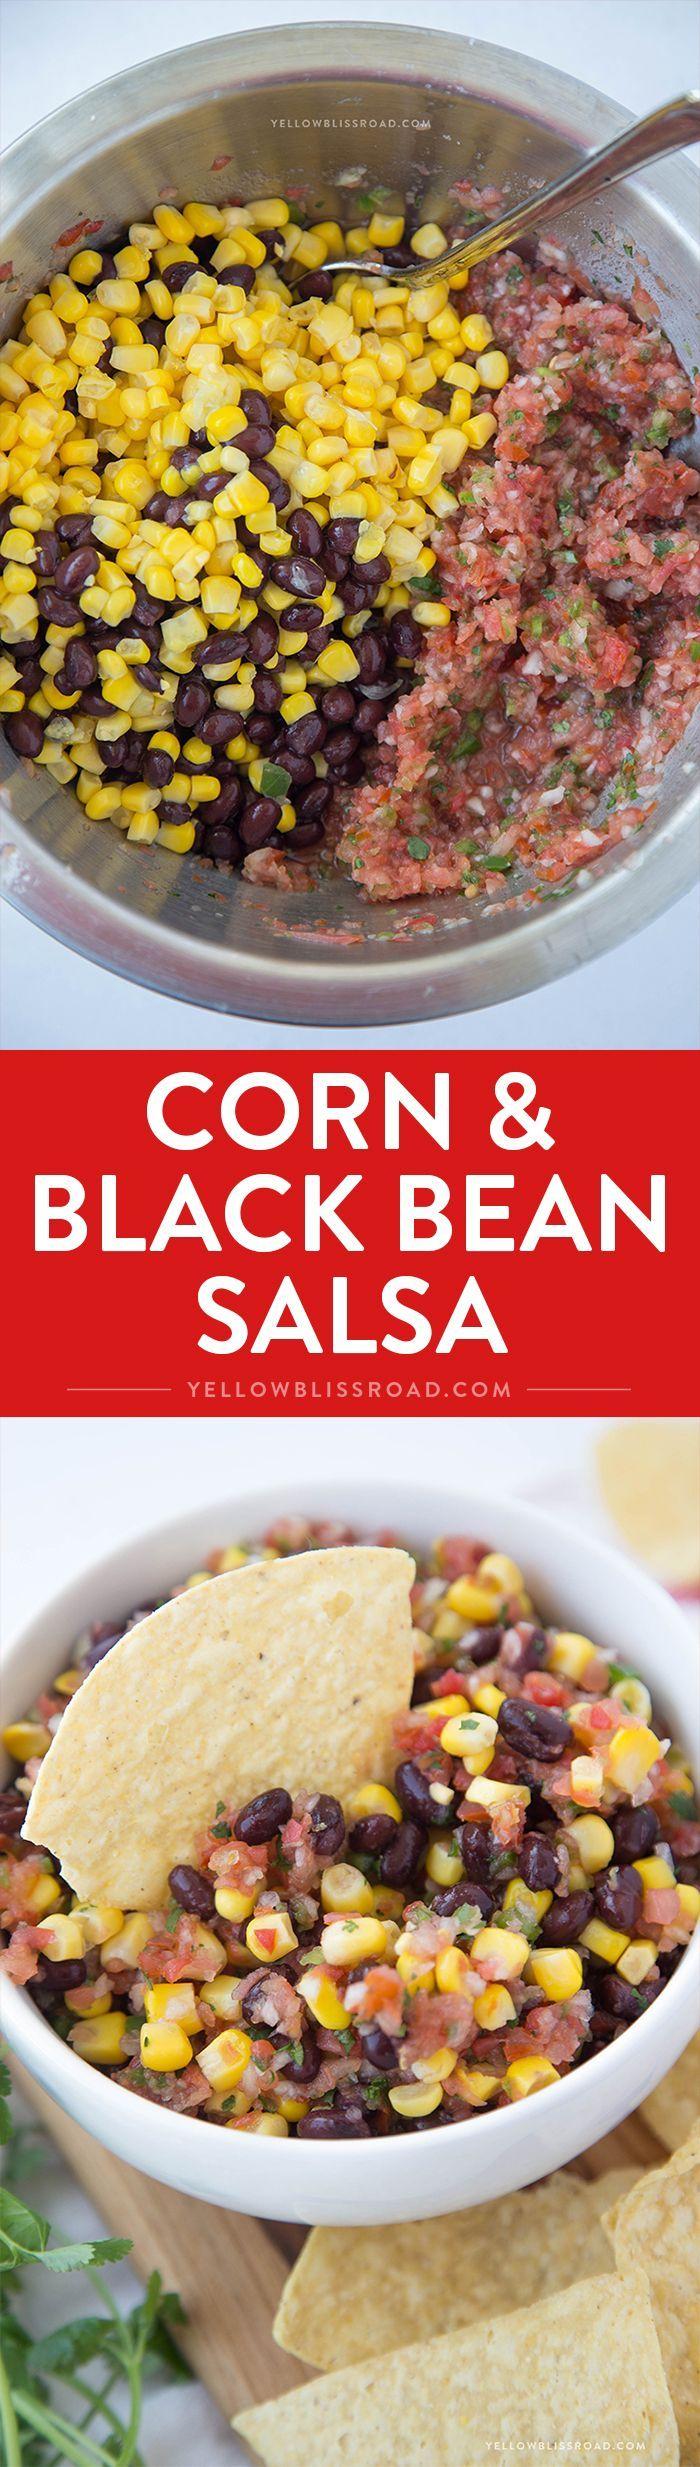 Corn & Black Bean Salsa - easy, fresh salsa with corn and black beans